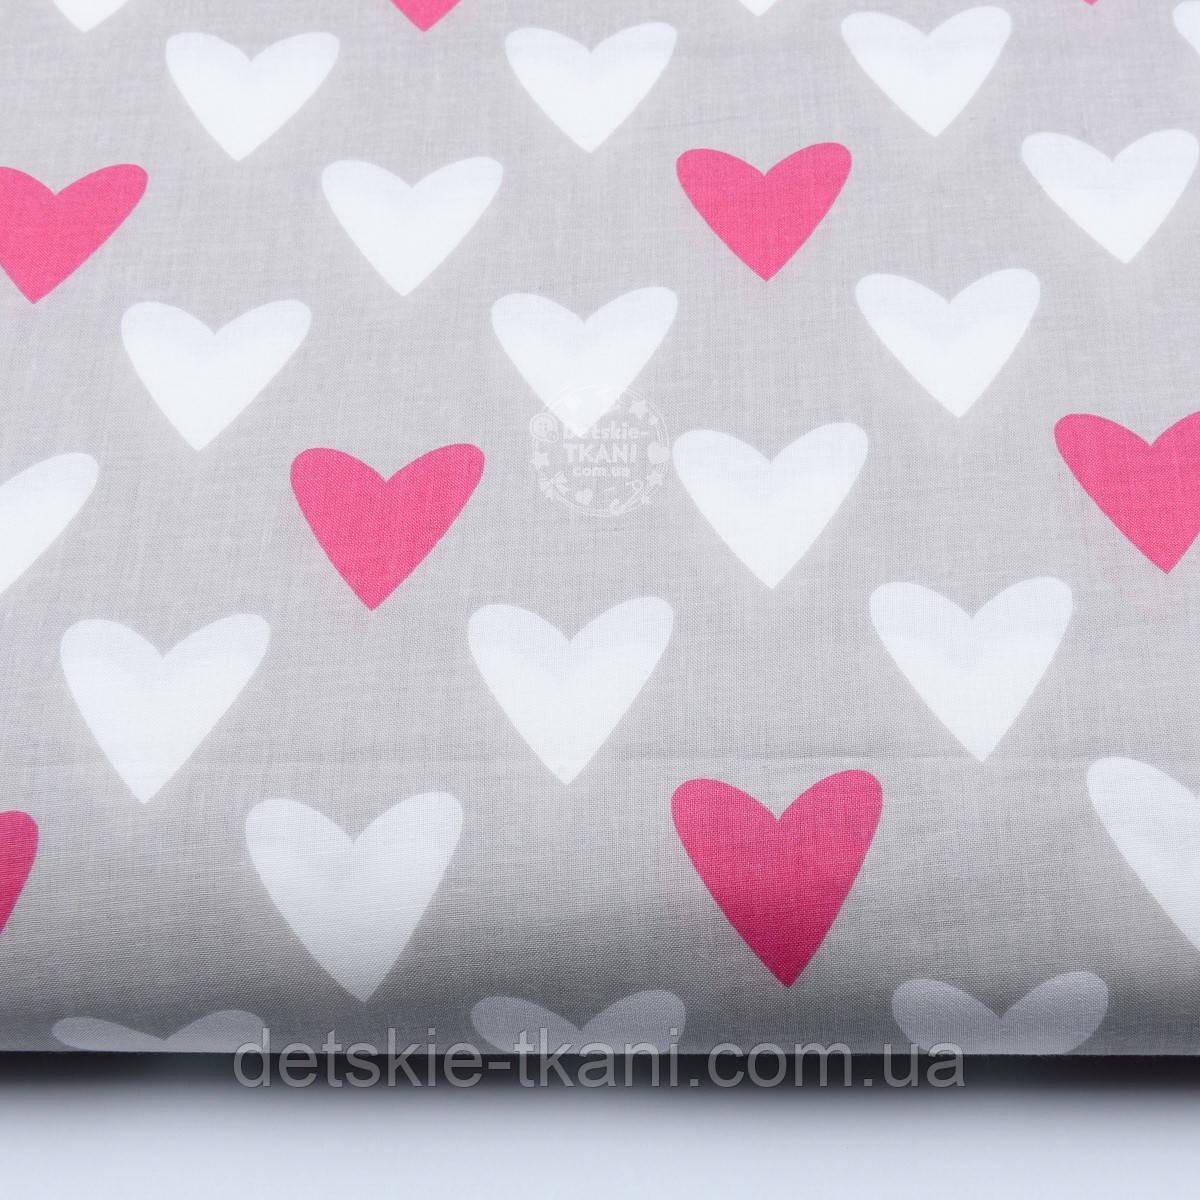 Тканина бавовняна з малиновими і білими серцями на сірому фоні №468а